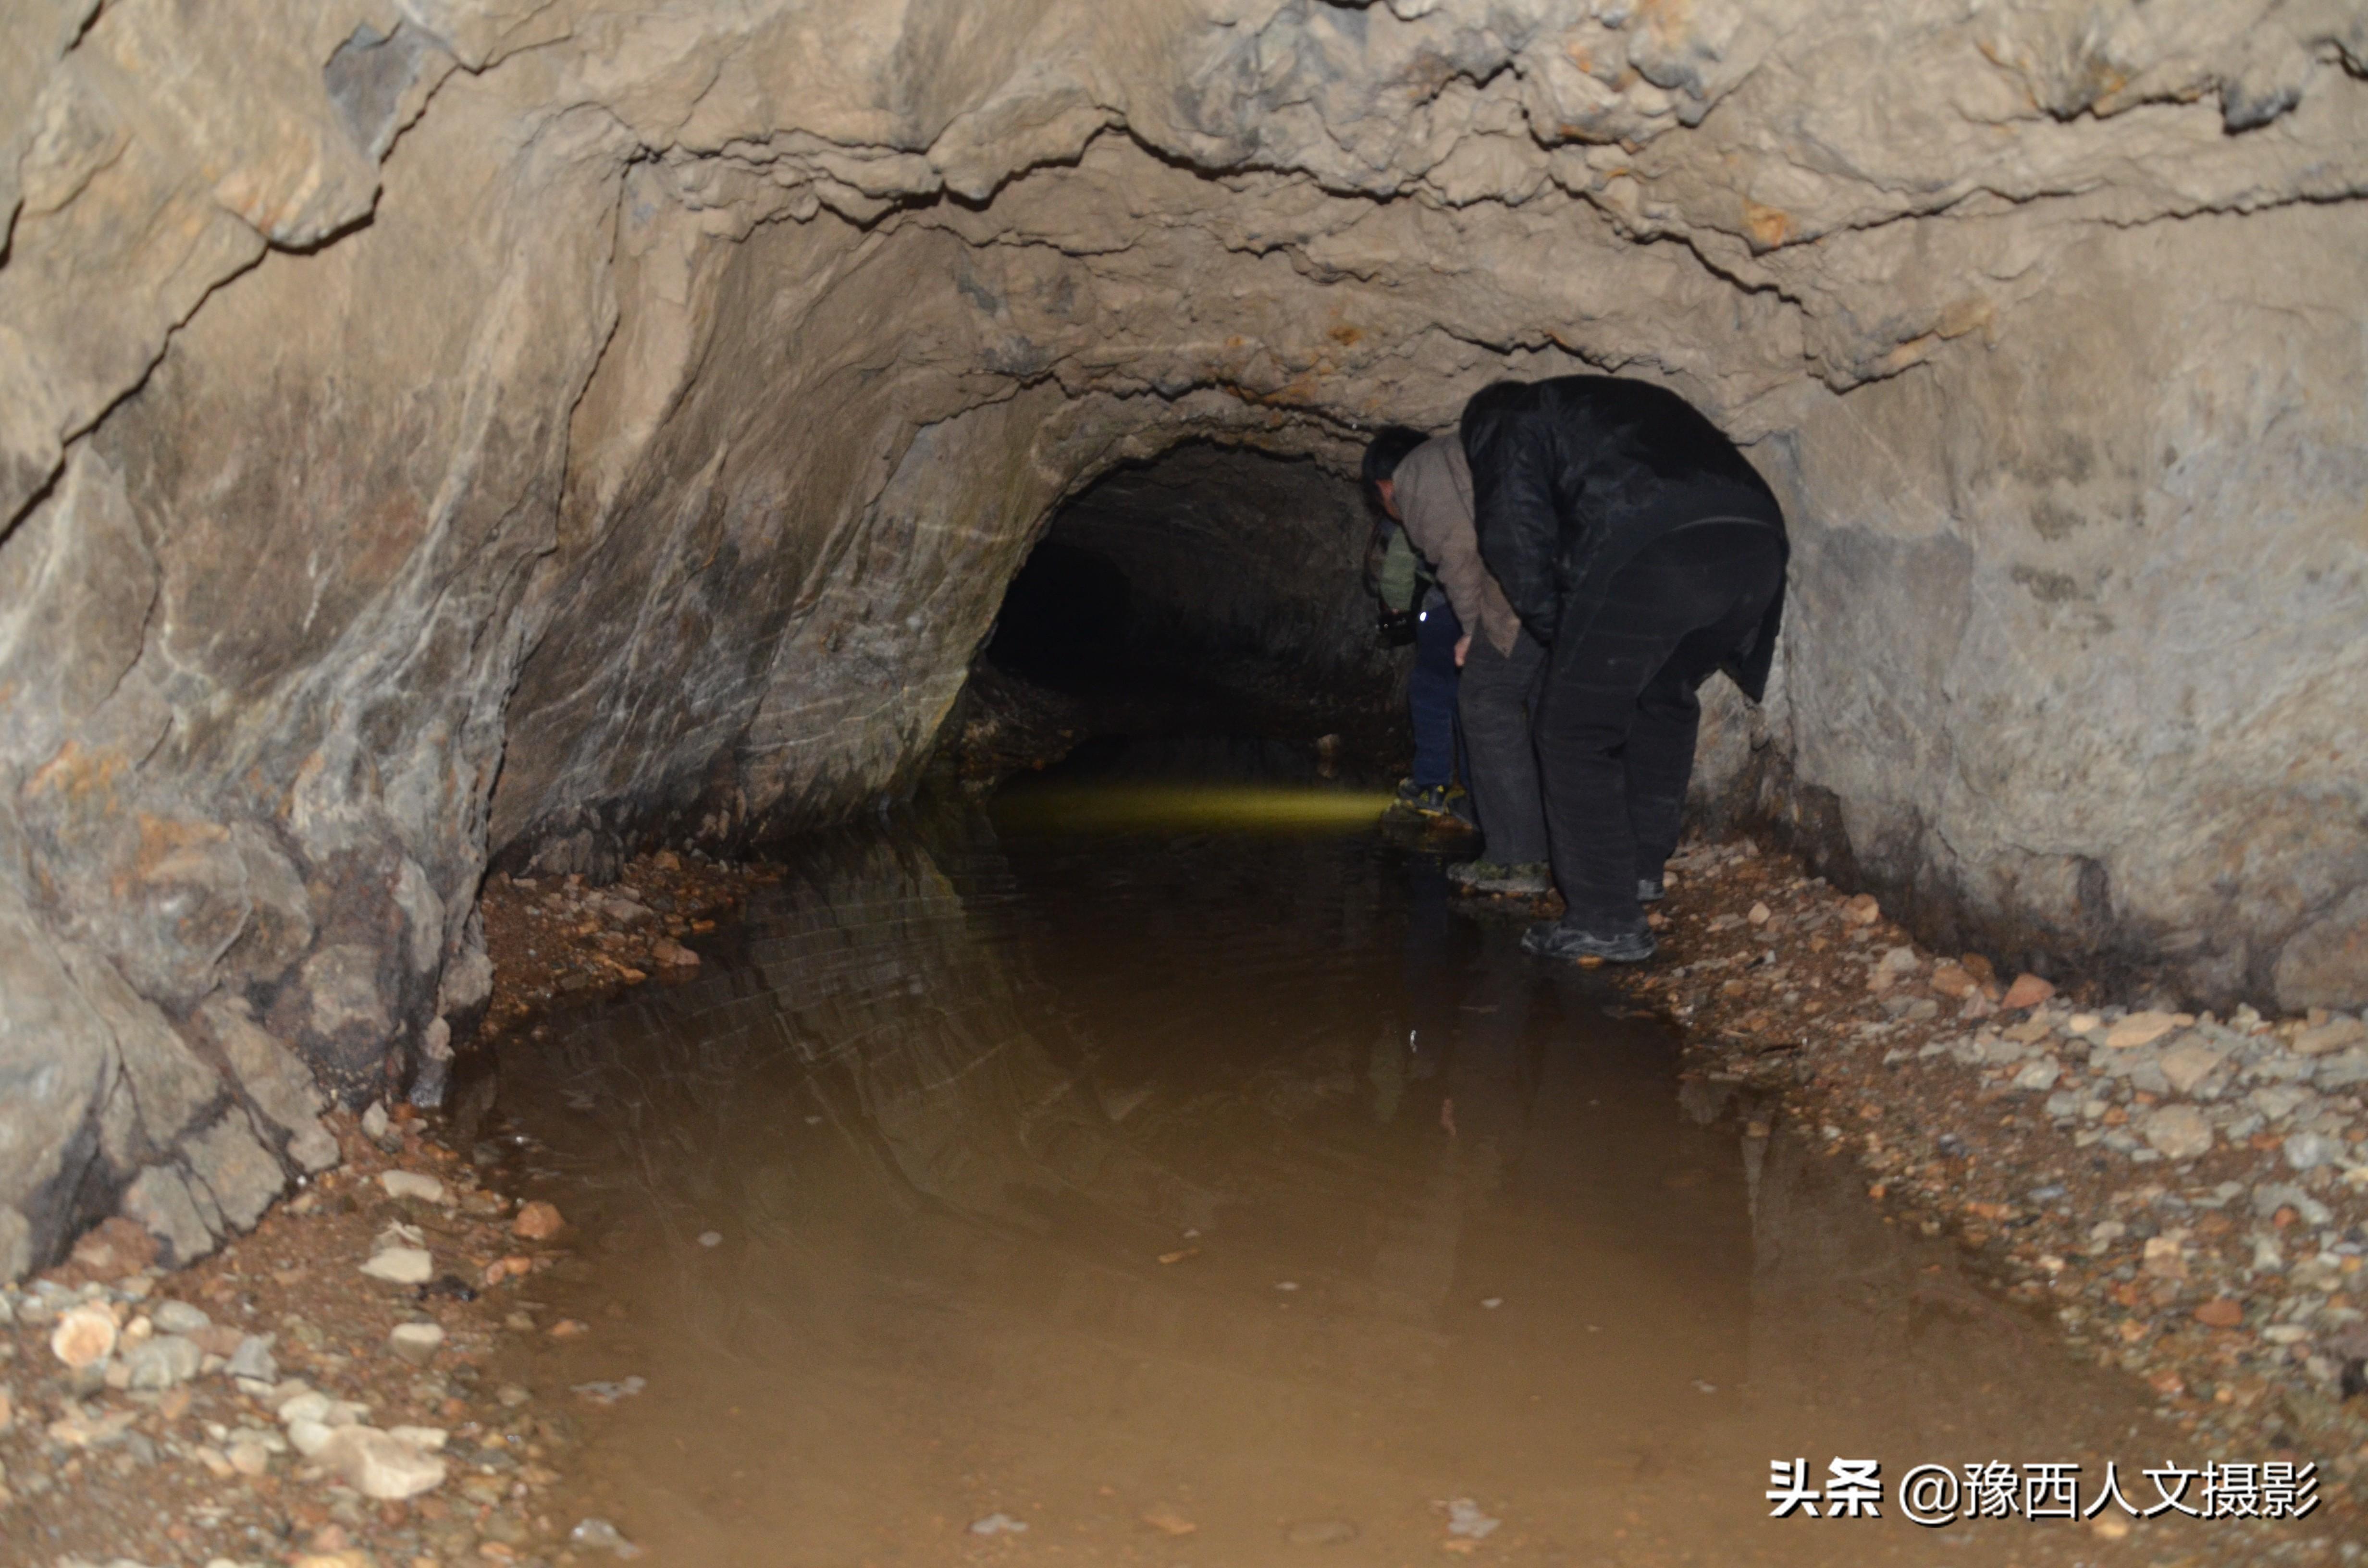 男子捡落榜大学生当媳妇,怕妻子乱跑,住深山20年出行需穿过山洞